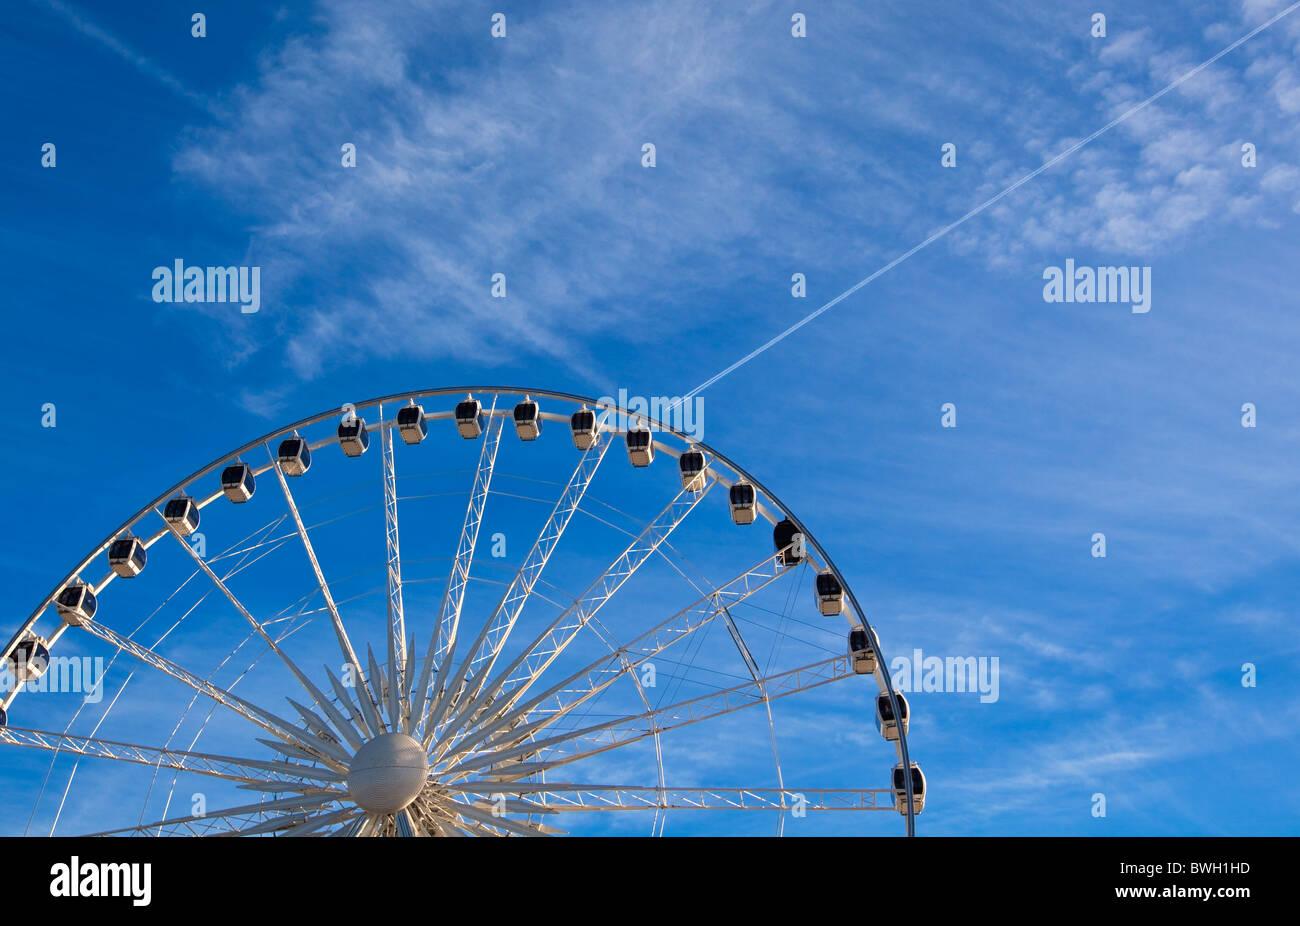 großes Riesenrad auf blauen Himmelshintergrund. horizontalen Schuss Stockbild